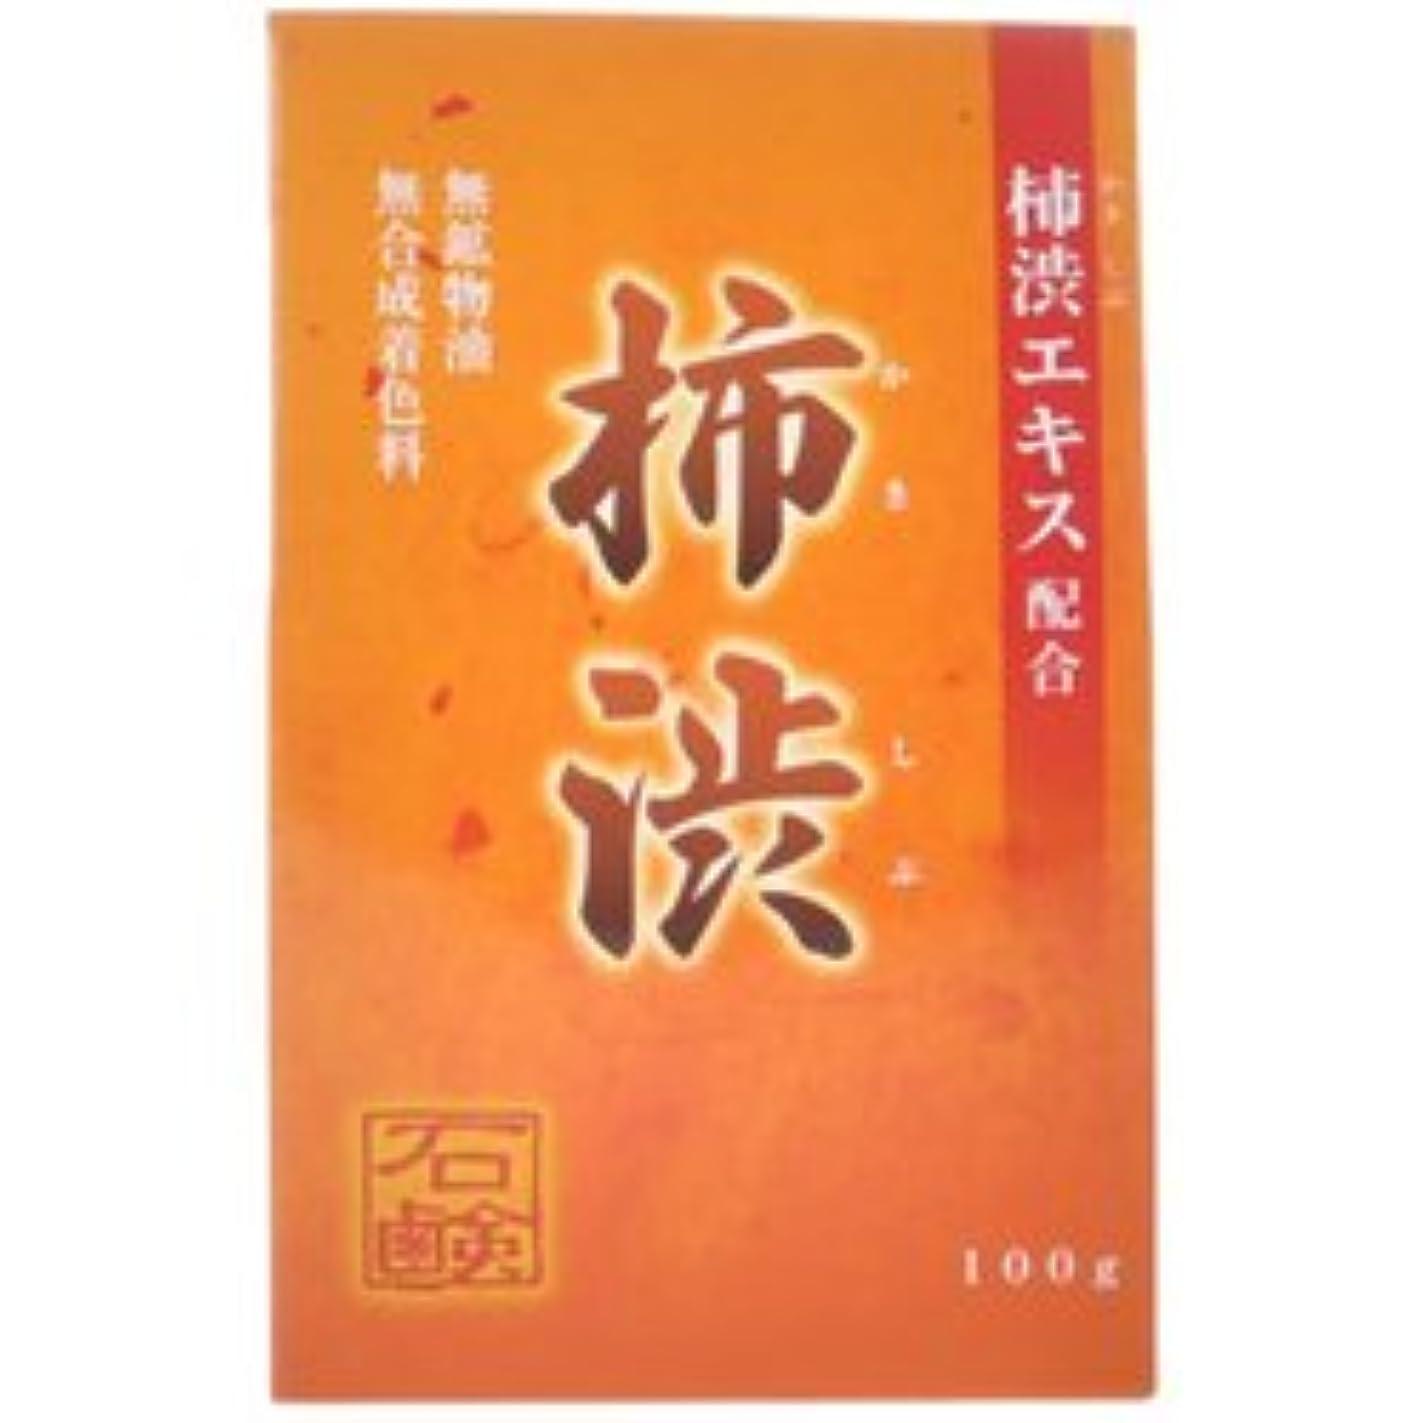 シャベル説明的おばあさん【アール?エイチ?ビープロダクト】新 柿渋石鹸 100g ×10個セット